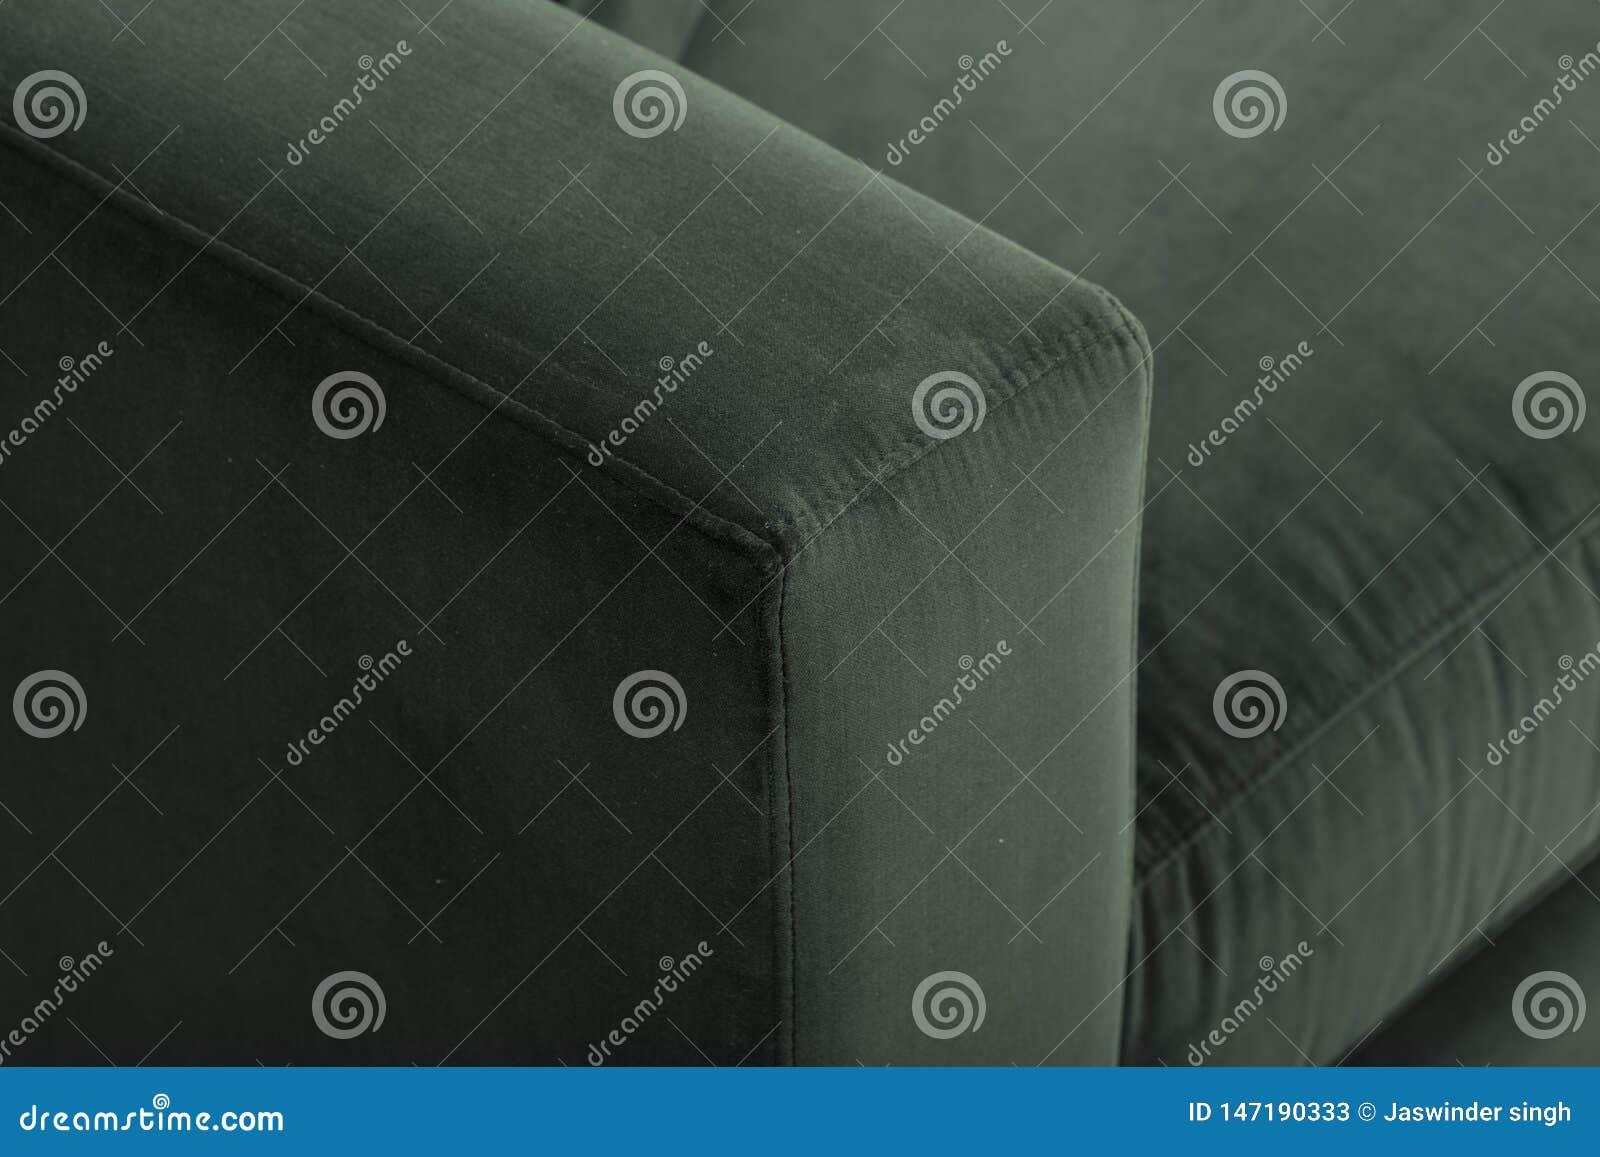 Sitzer-Minimalist Sofa Bed, Sitzer Clic Clac Sofa Bed, Ronia Comfort Spring - eine bequeme Schlafcouch Halt-Ausgangs-Roskildes 3